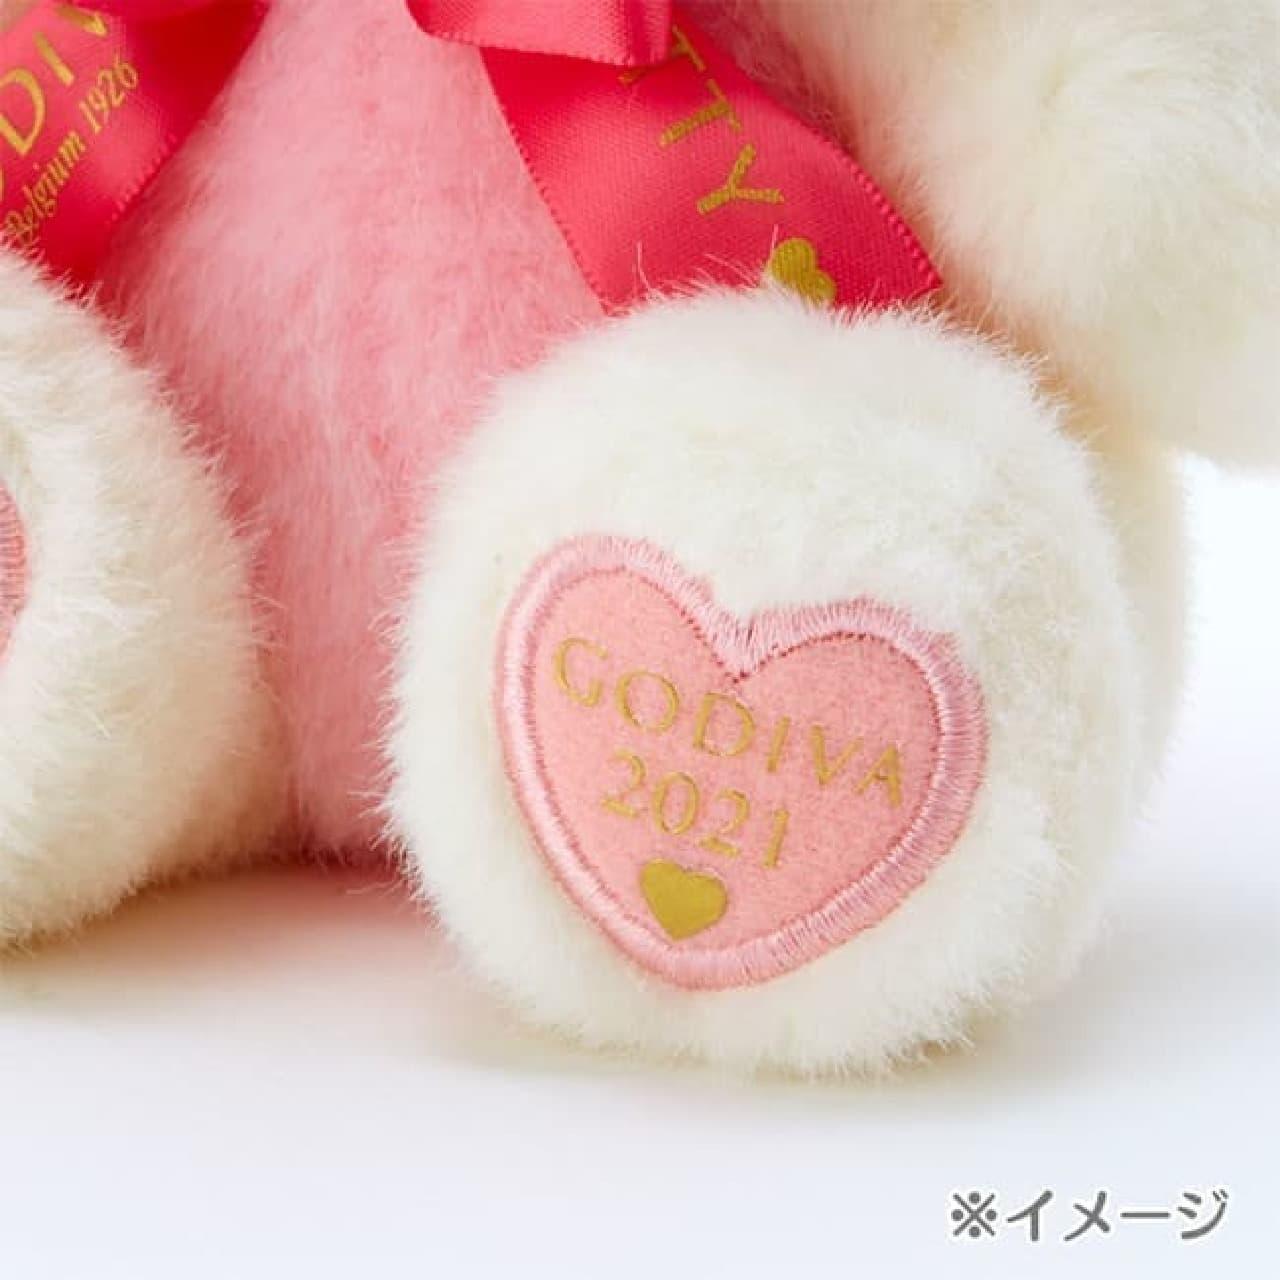 「GODIVA×ハローキティ」今年も!バレンタイン向きぬいぐるみセット